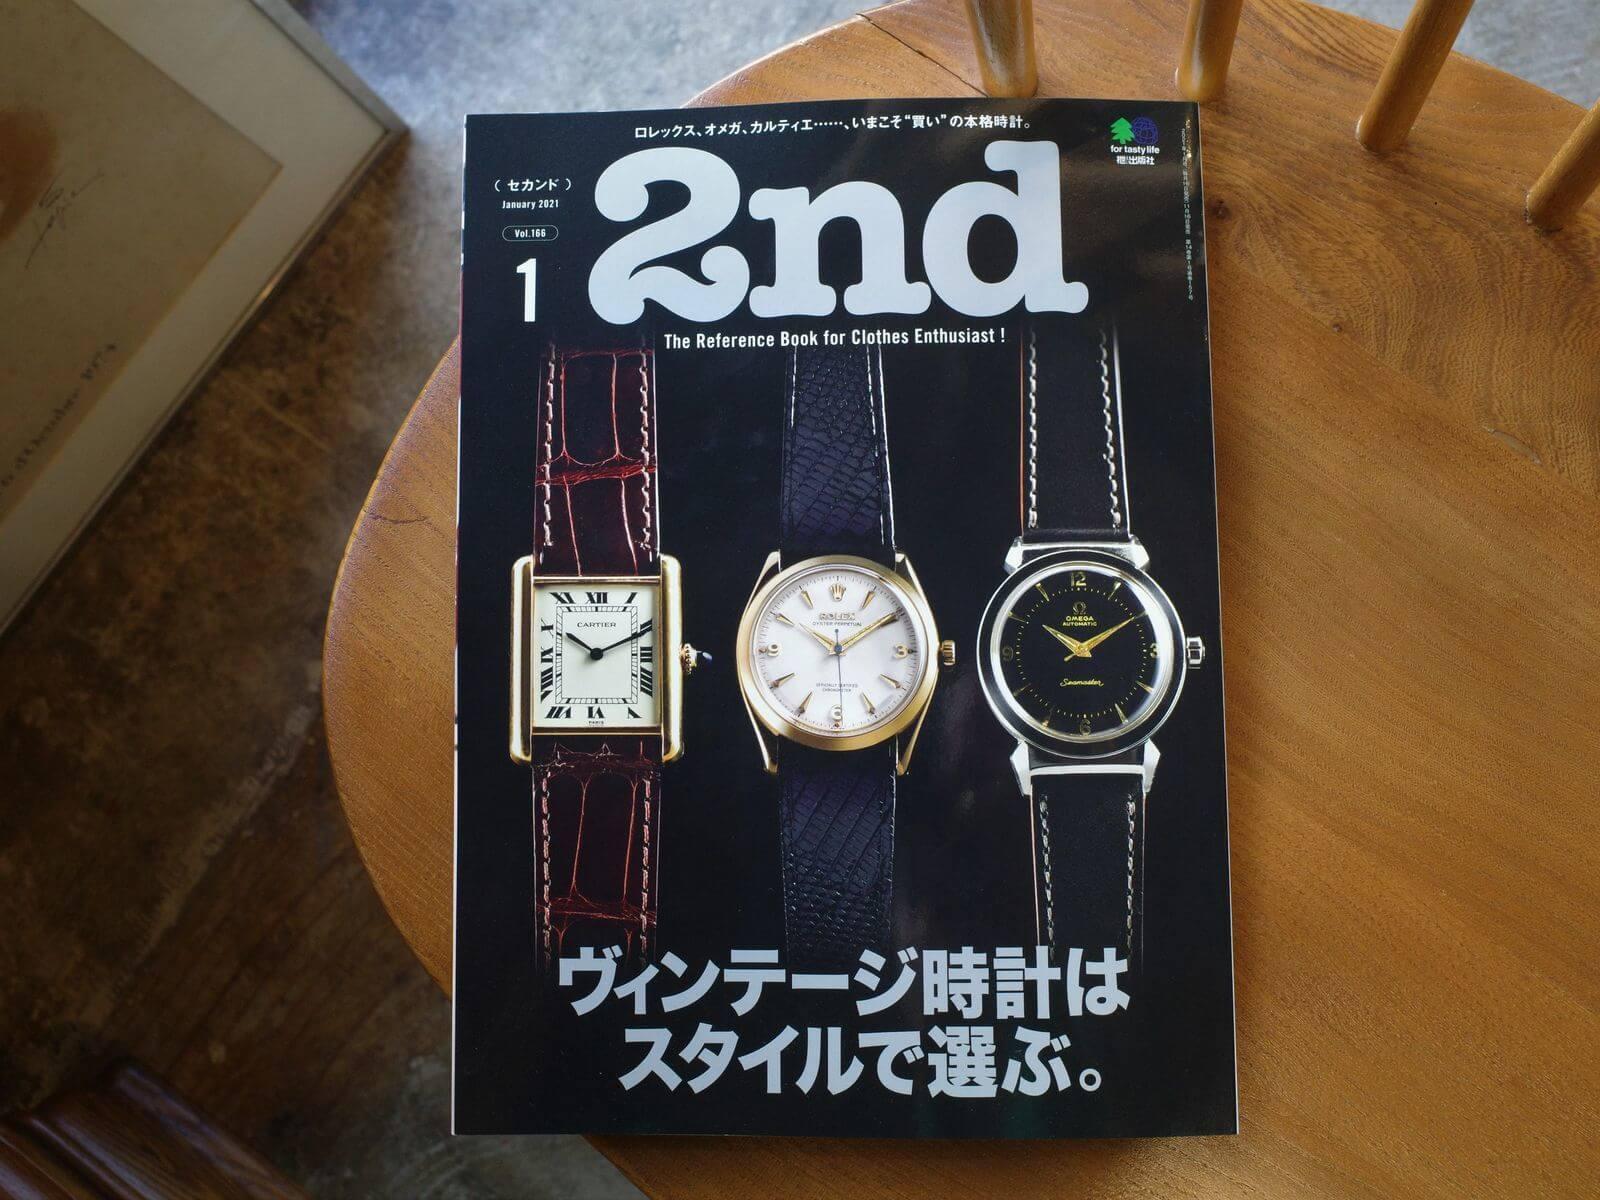 """2nd Magazine Vol.166 ヴィンテージ時計はスタイルで選ぶ。/ROLEX ロレックスは60万円台までの""""ドラ""""付きで選ぶ。"""